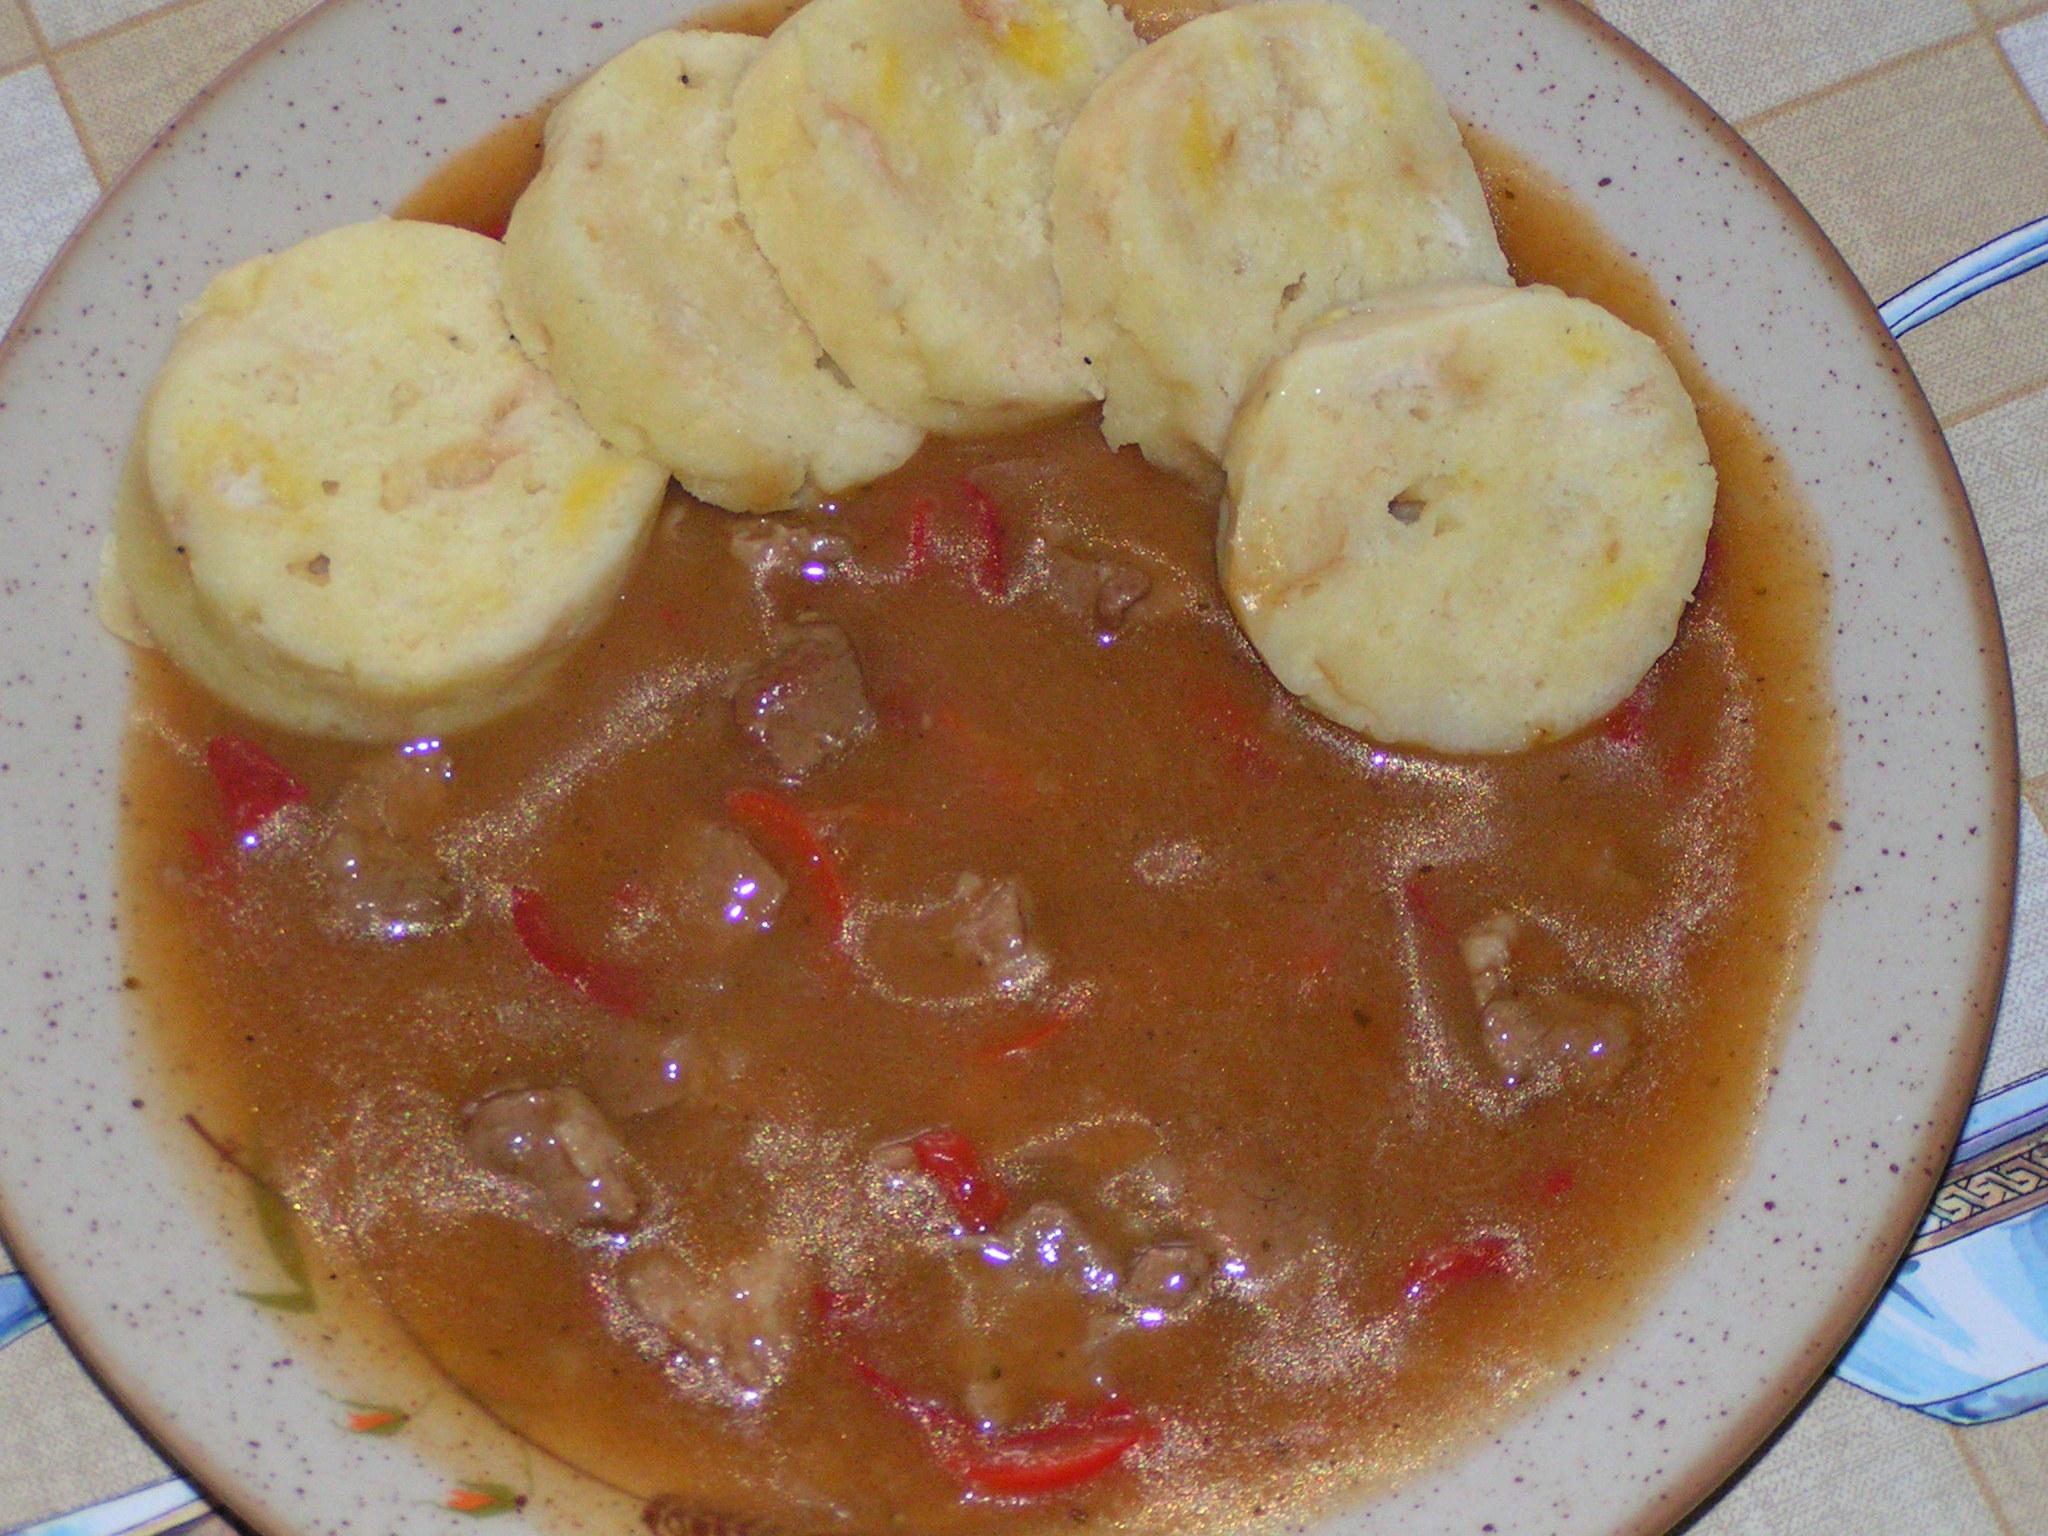 Recept Ostrý vepřový guláš - Ostrý vepřový guláš jsem podávala s knedlíkem.